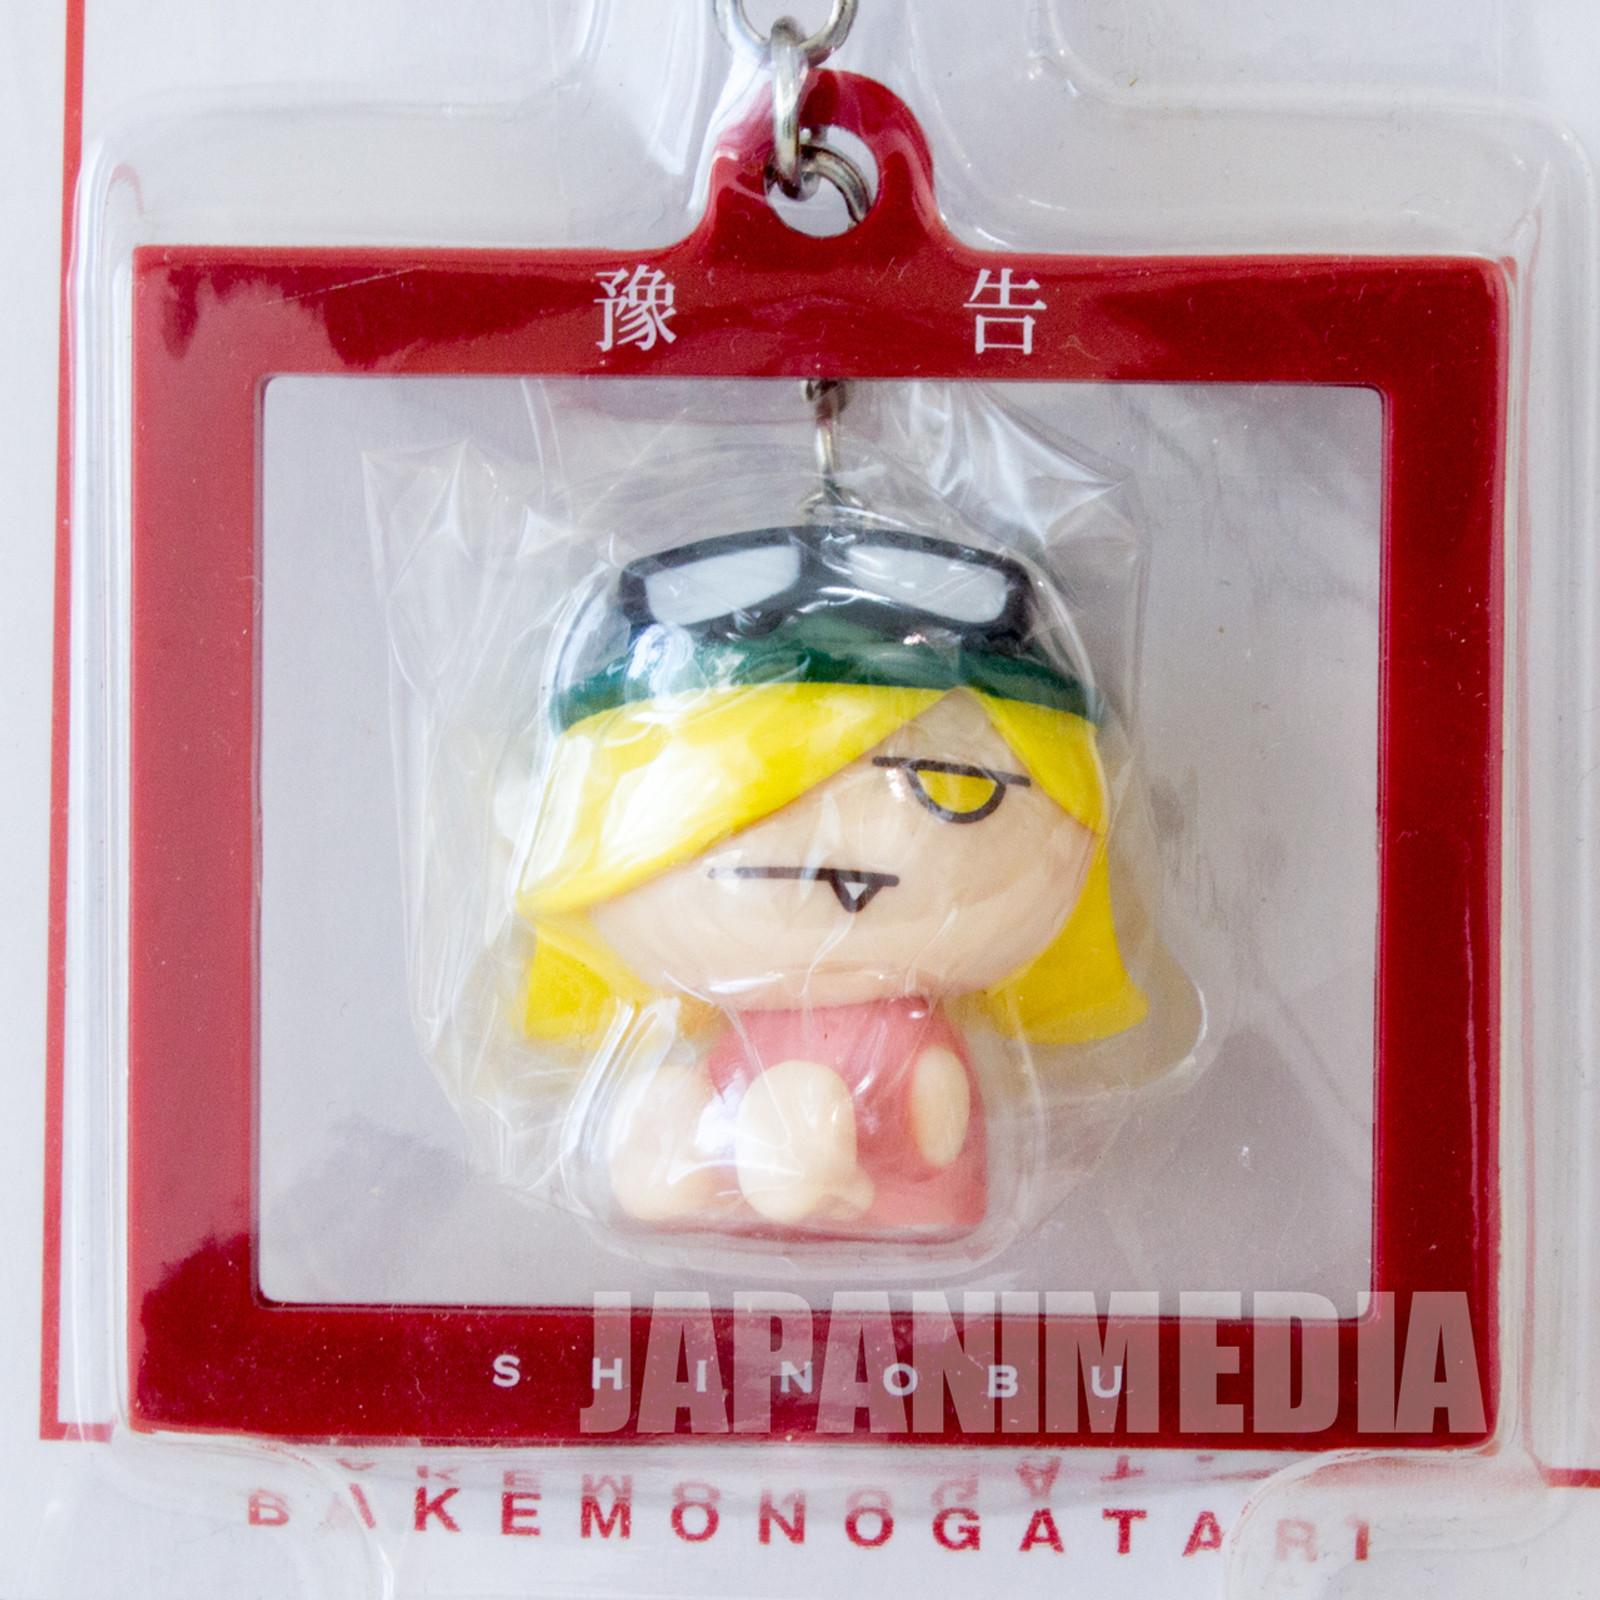 Bakemonogatari Shinobu Oshino Mascot Figure Strap Banpresto JAPAN ANIME MANGA